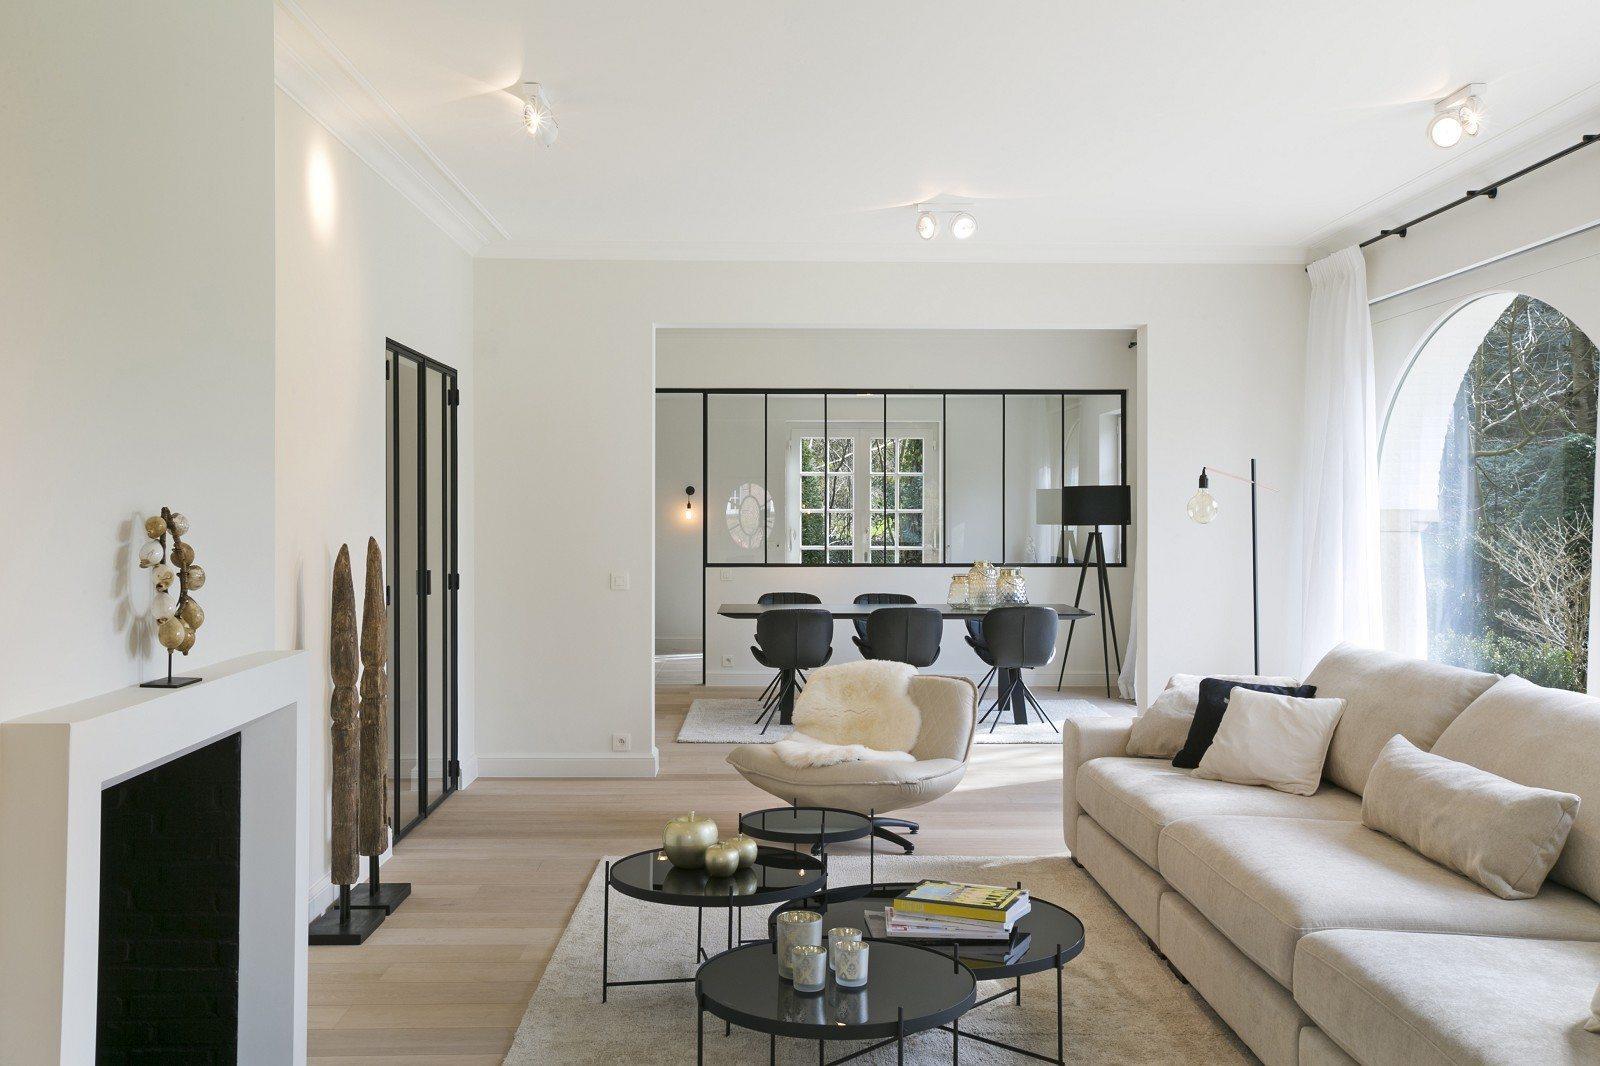 Tr s belle villa de l 39 architecte lipszyc vendre rhode for Acheter une maison a bruxelles